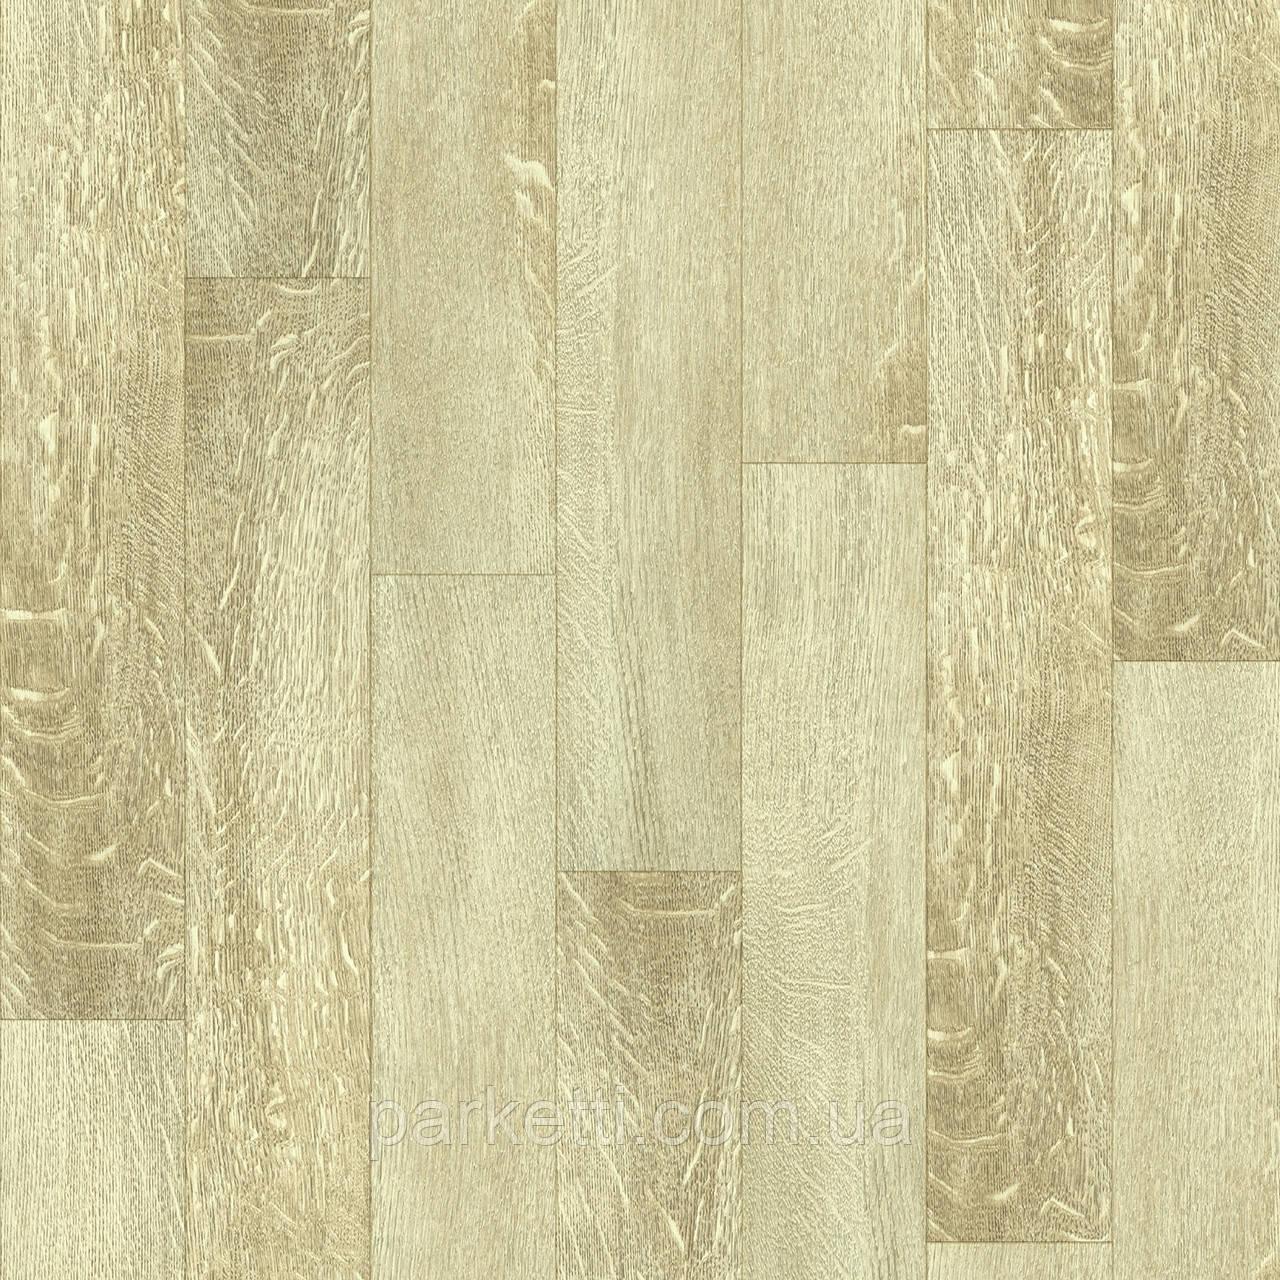 DLW 24123-161 Scandic Oakstone-washed виниловая плитка Scala 40 - Parketti - паркет, паркетная доска, массив, ламинат, линолеум, ковролин, террасная доска в Украине в Харькове